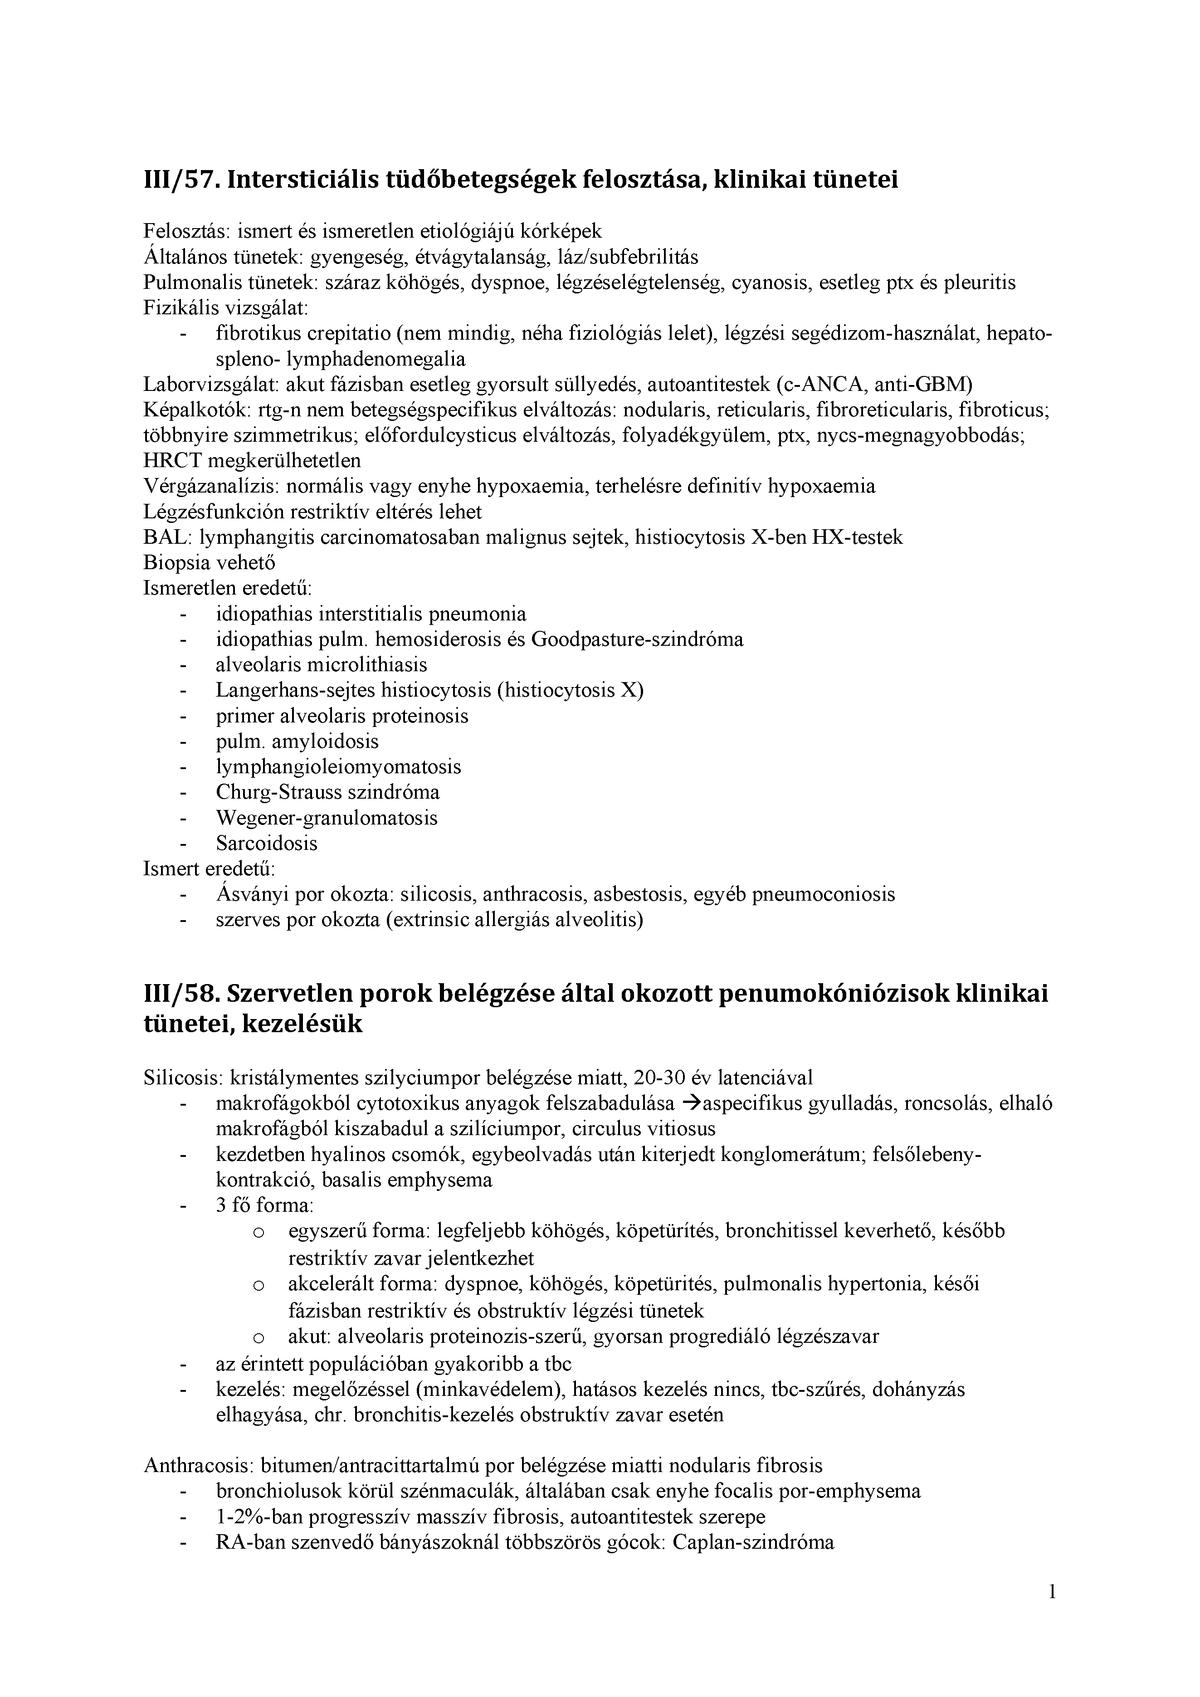 hogyan kell kezelni a féregfertőzést)